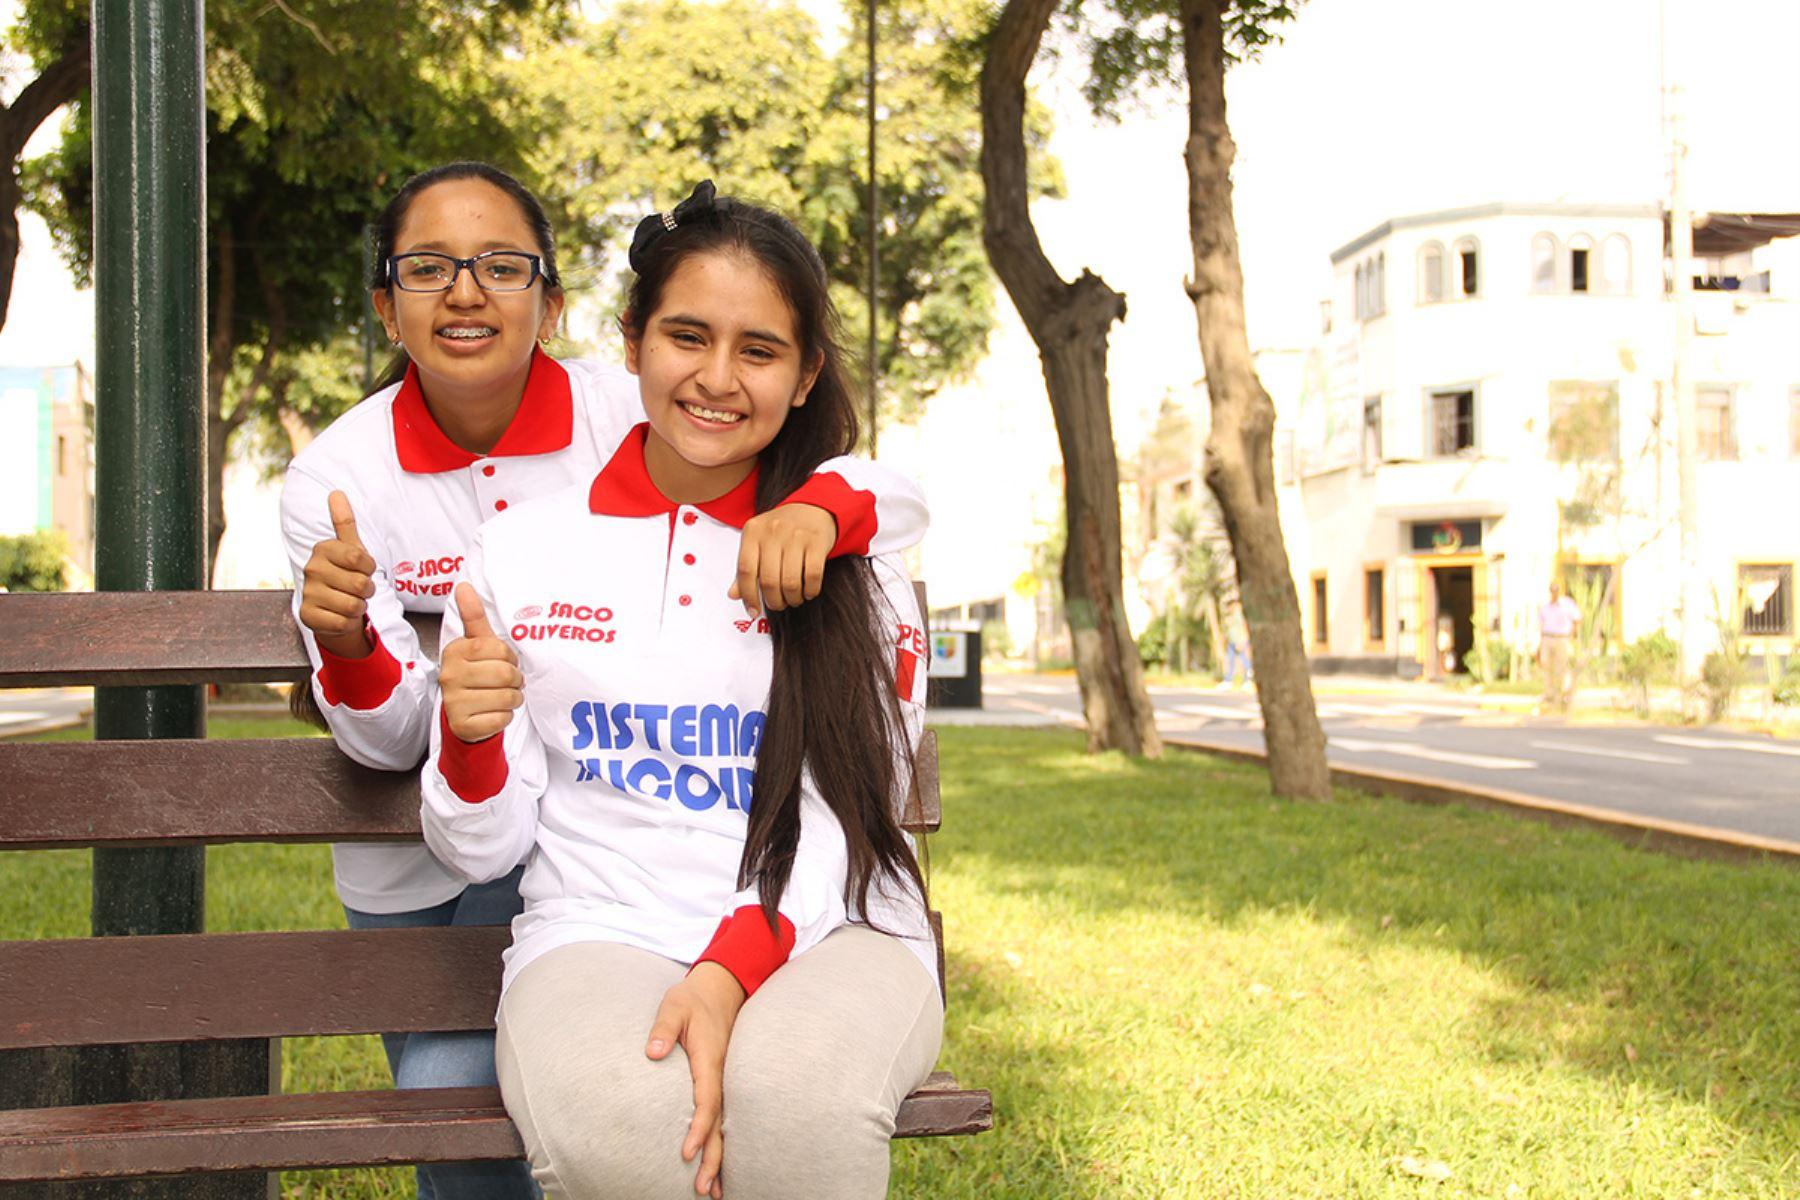 Carla y Mónica están entusiasmadas con la próxima competencia. Foto: Difusión